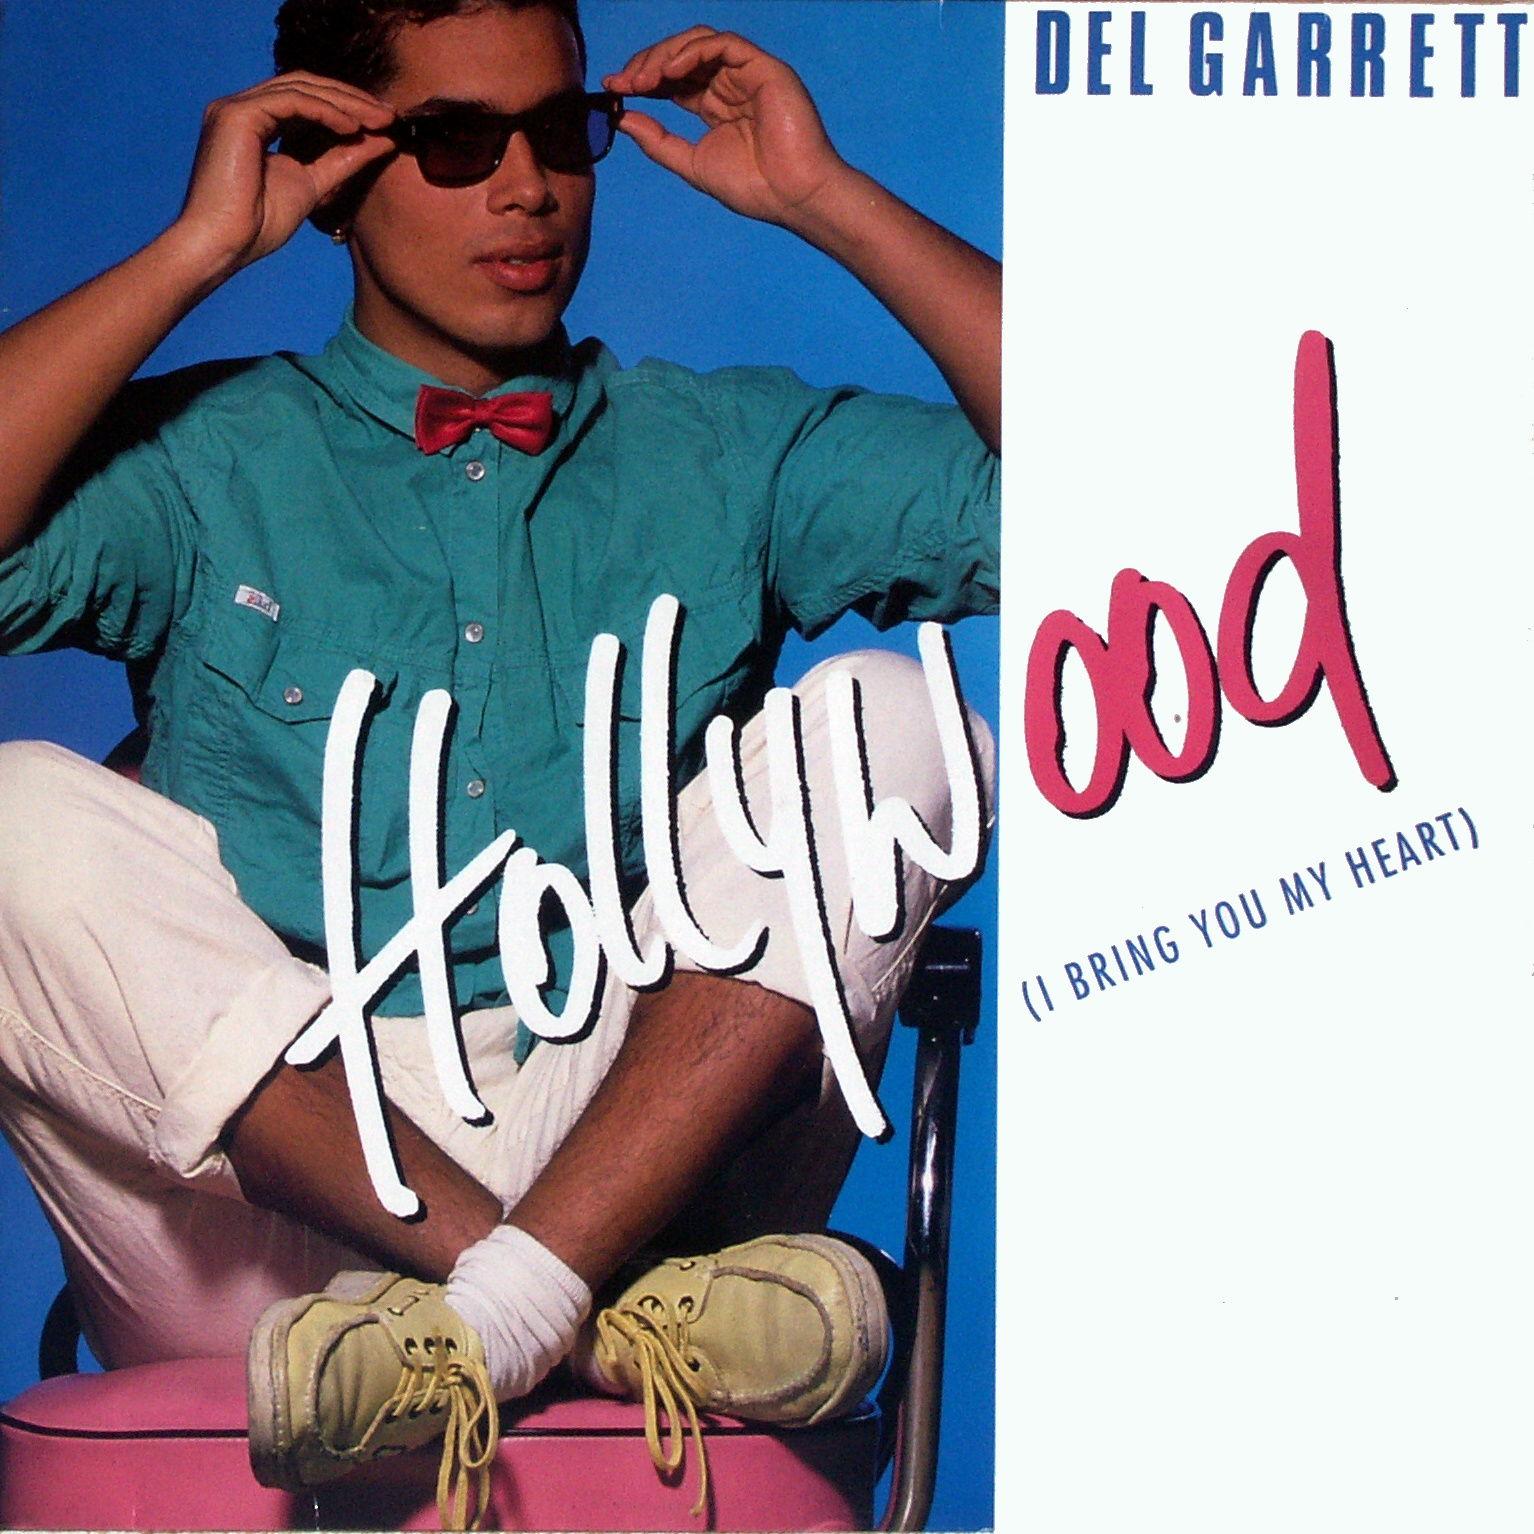 GARRETT, DEL - Hollywood (I Bring You My Heart) - 12 inch x 1